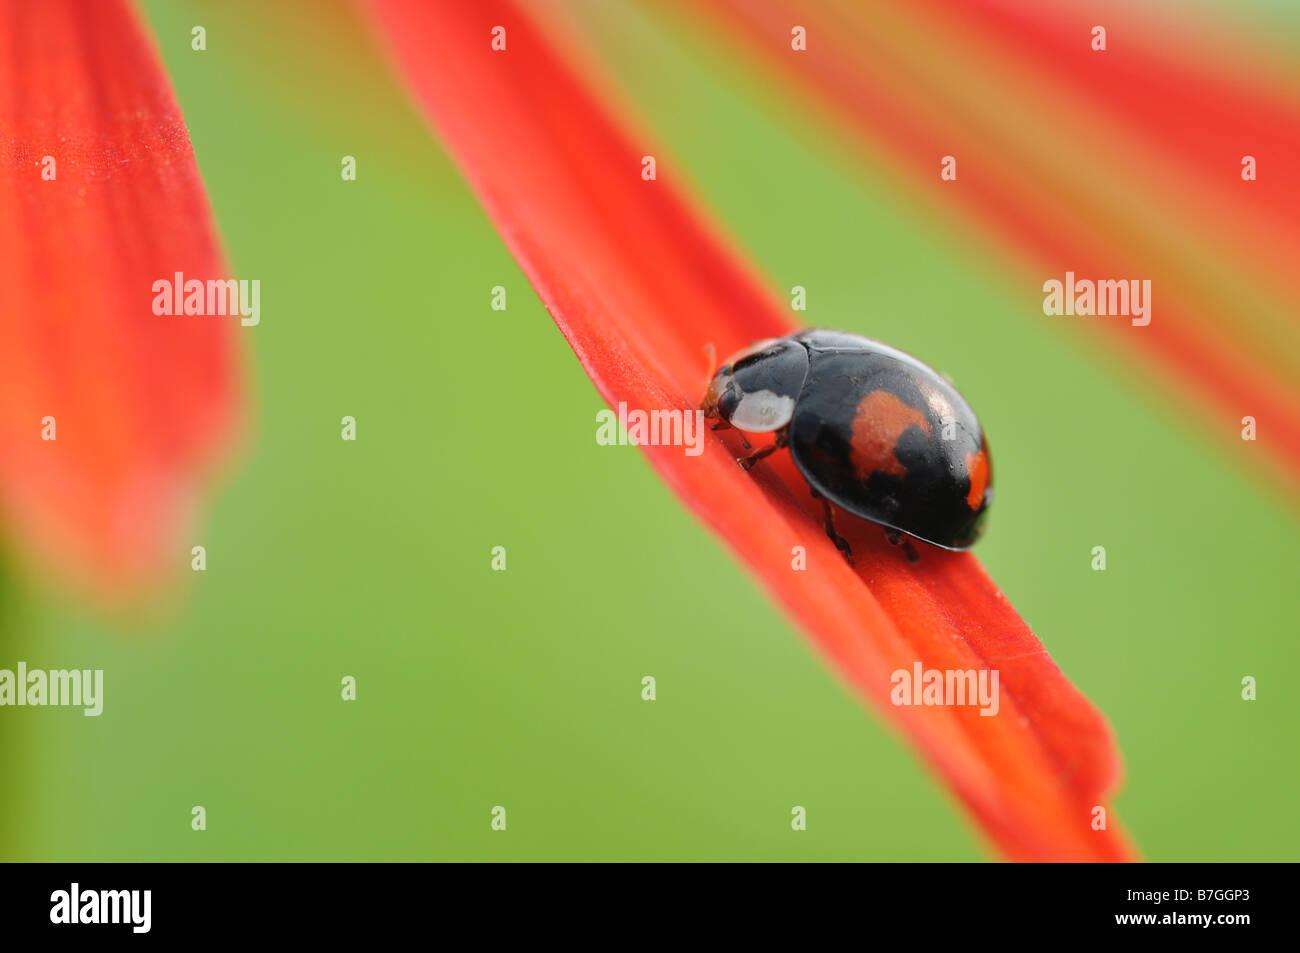 Coccinelle sur le pétale d'une fleur d'échinacée Photo Stock